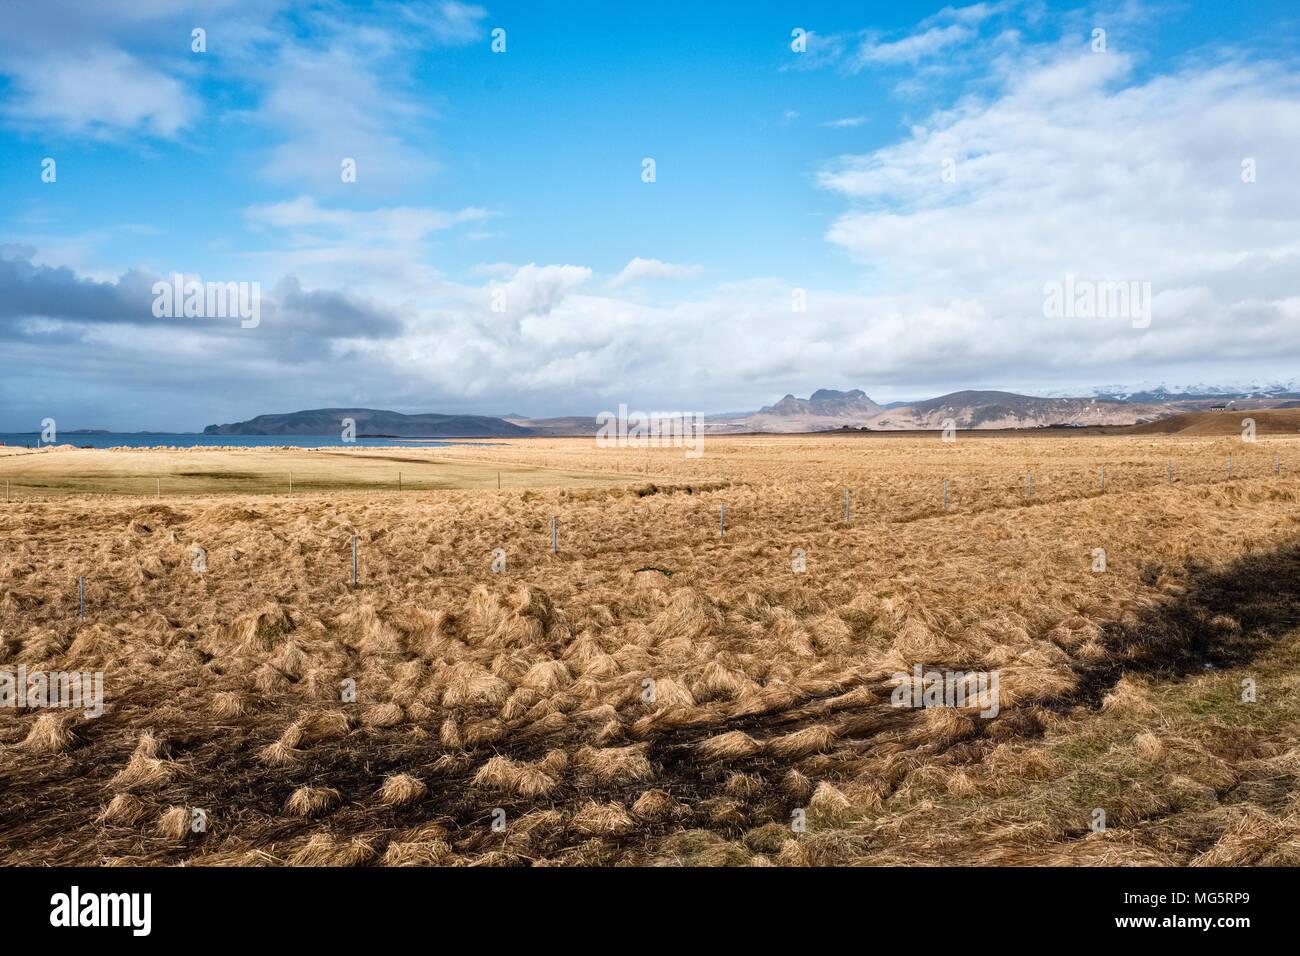 , Reynisfjara qui jouit du sud de l'Islande. Les terres agricoles près de la célèbre plage Photo Stock